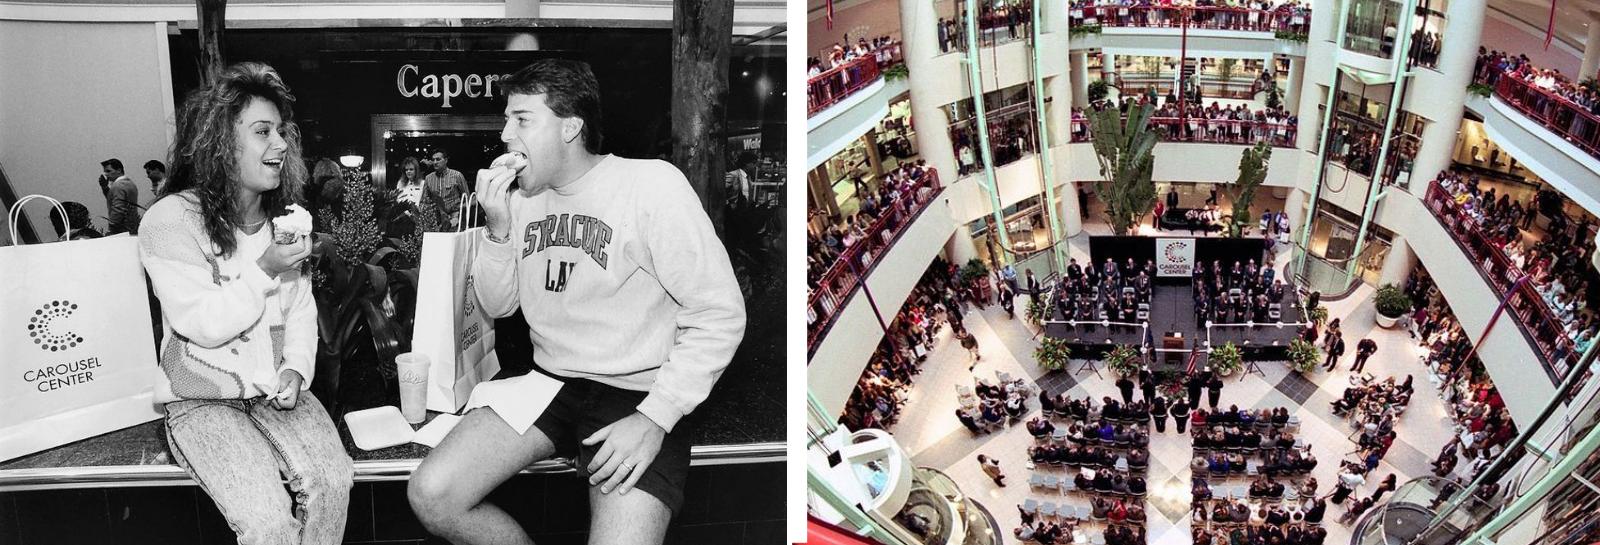 Carousel Center Anniversary Blog Post 1